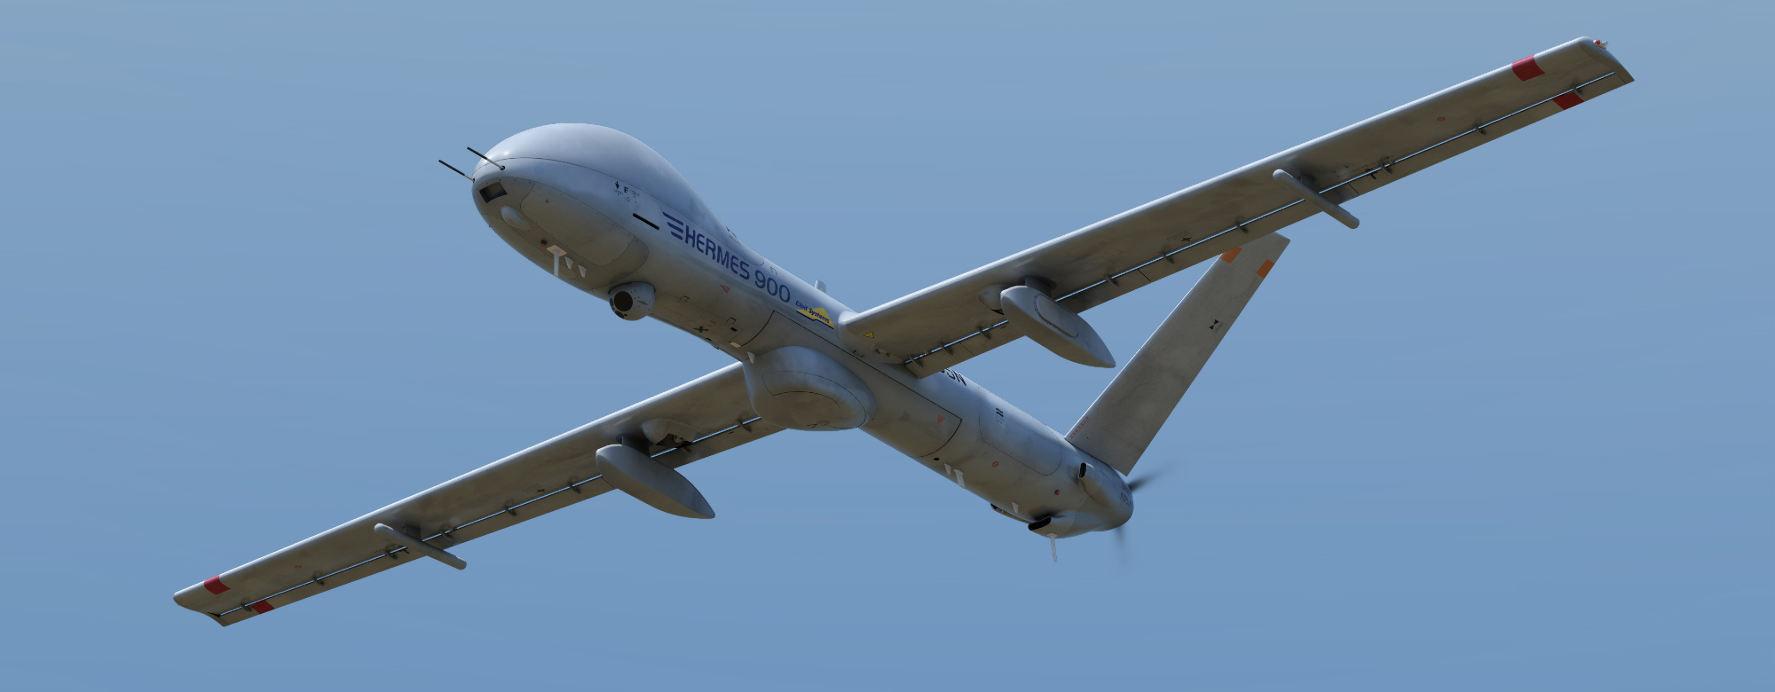 Le drone Hermes 900 au service de l'UE